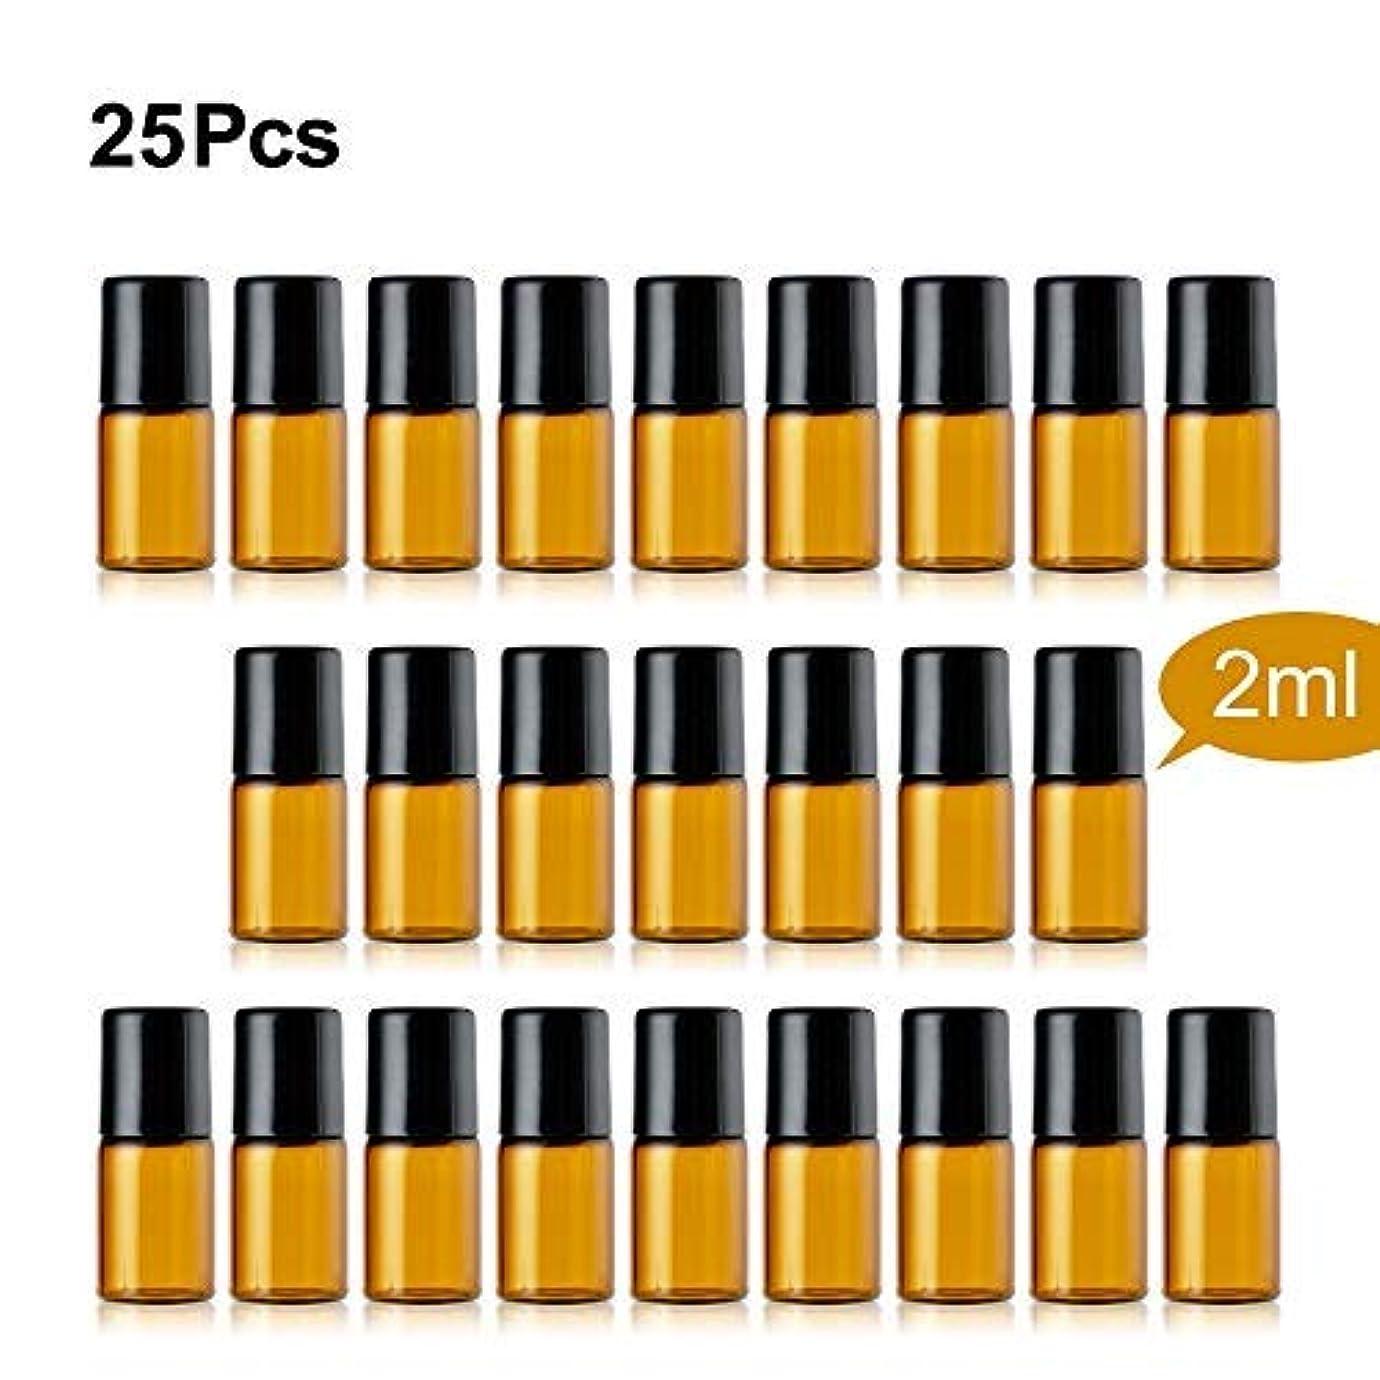 脚本スコア耐久TTBD Roller Ball Bottles, 25 Pcs 2ml Amber Refillable Essential Oil Roller Bottles with Stainless Steel Roller...